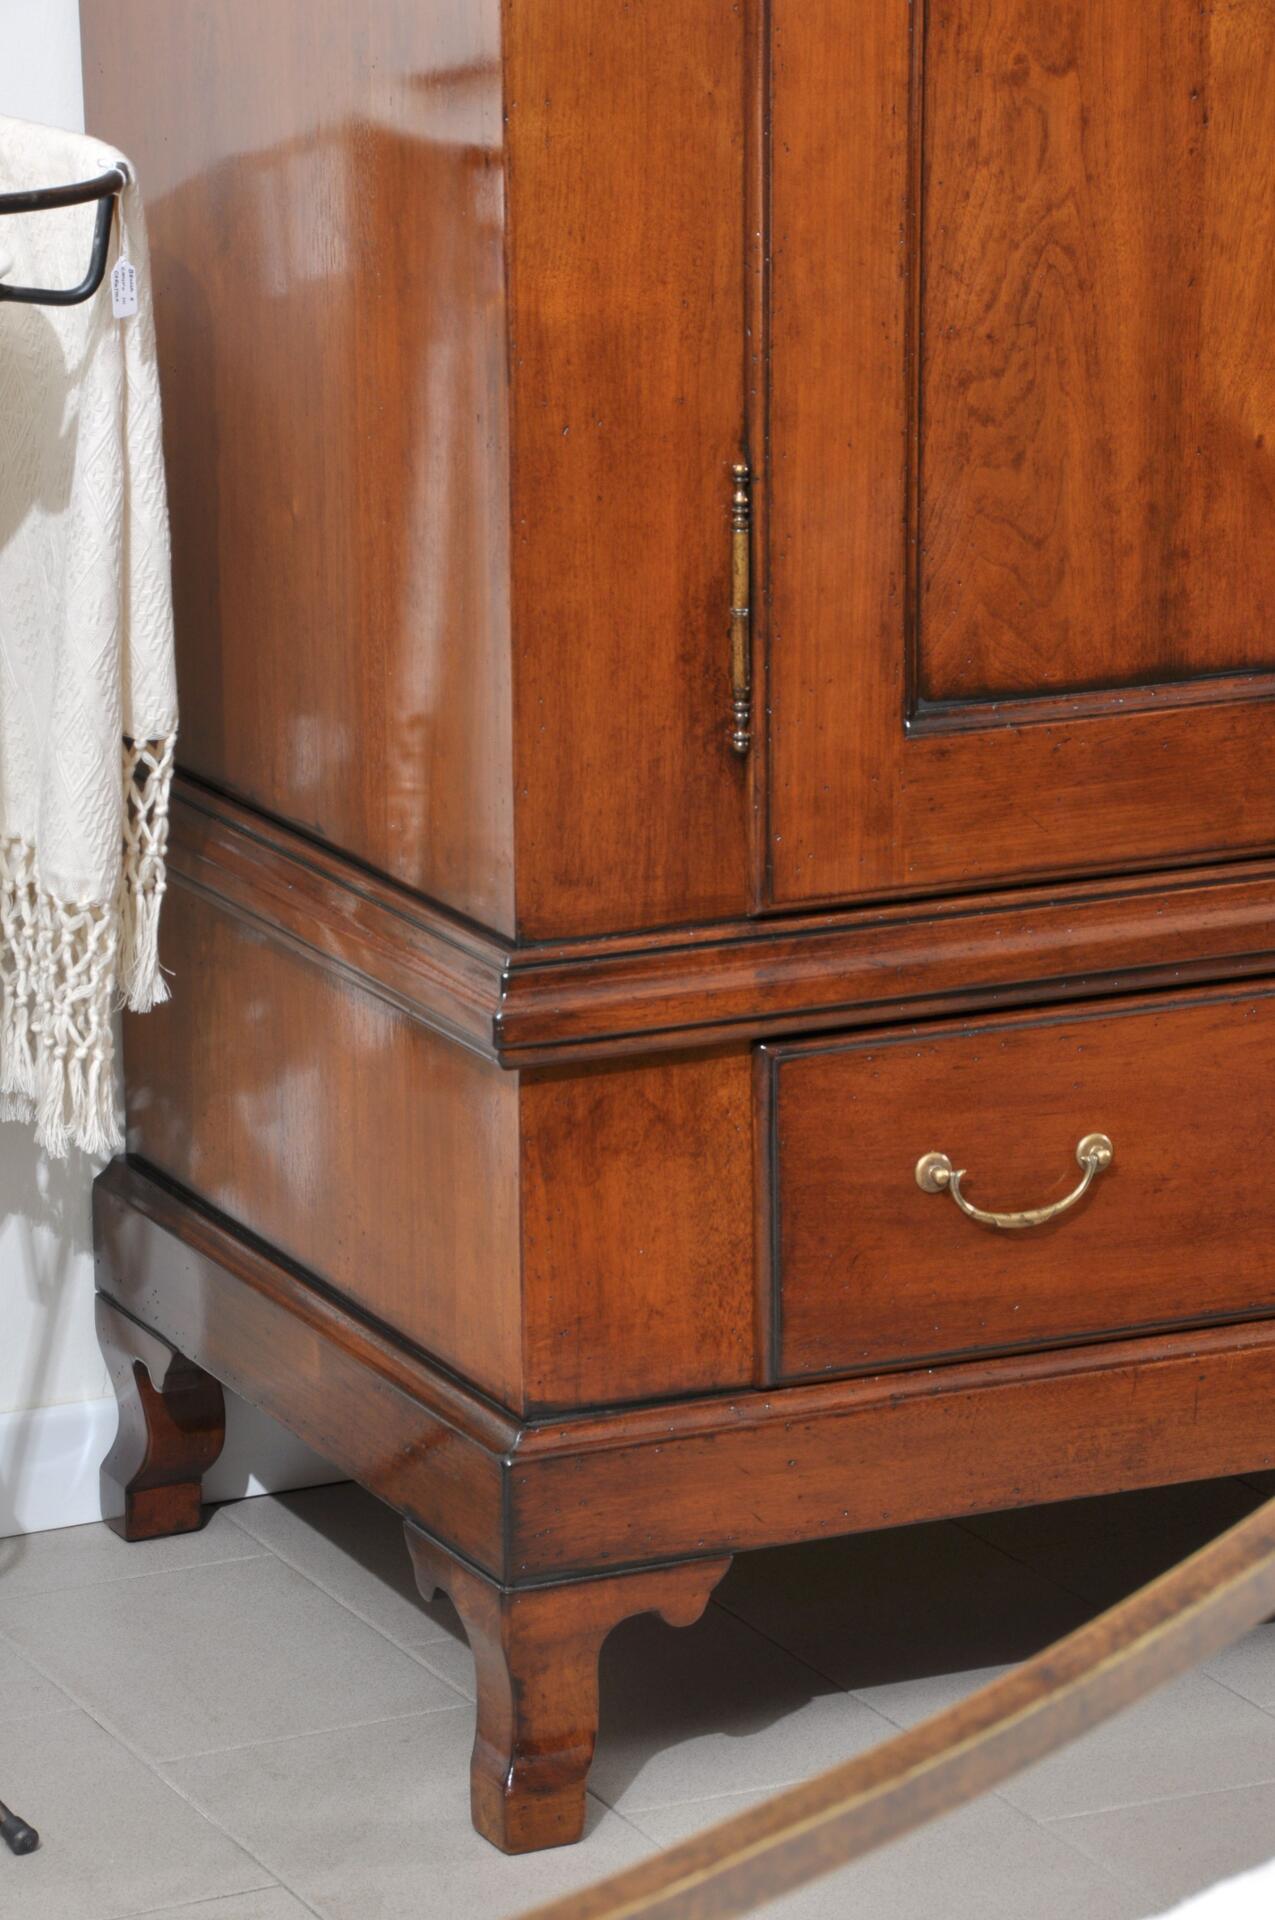 armadio con le gambe alte sagomate riprodotto a mano su misura nello stile classico provenzale francese arredo di lusso